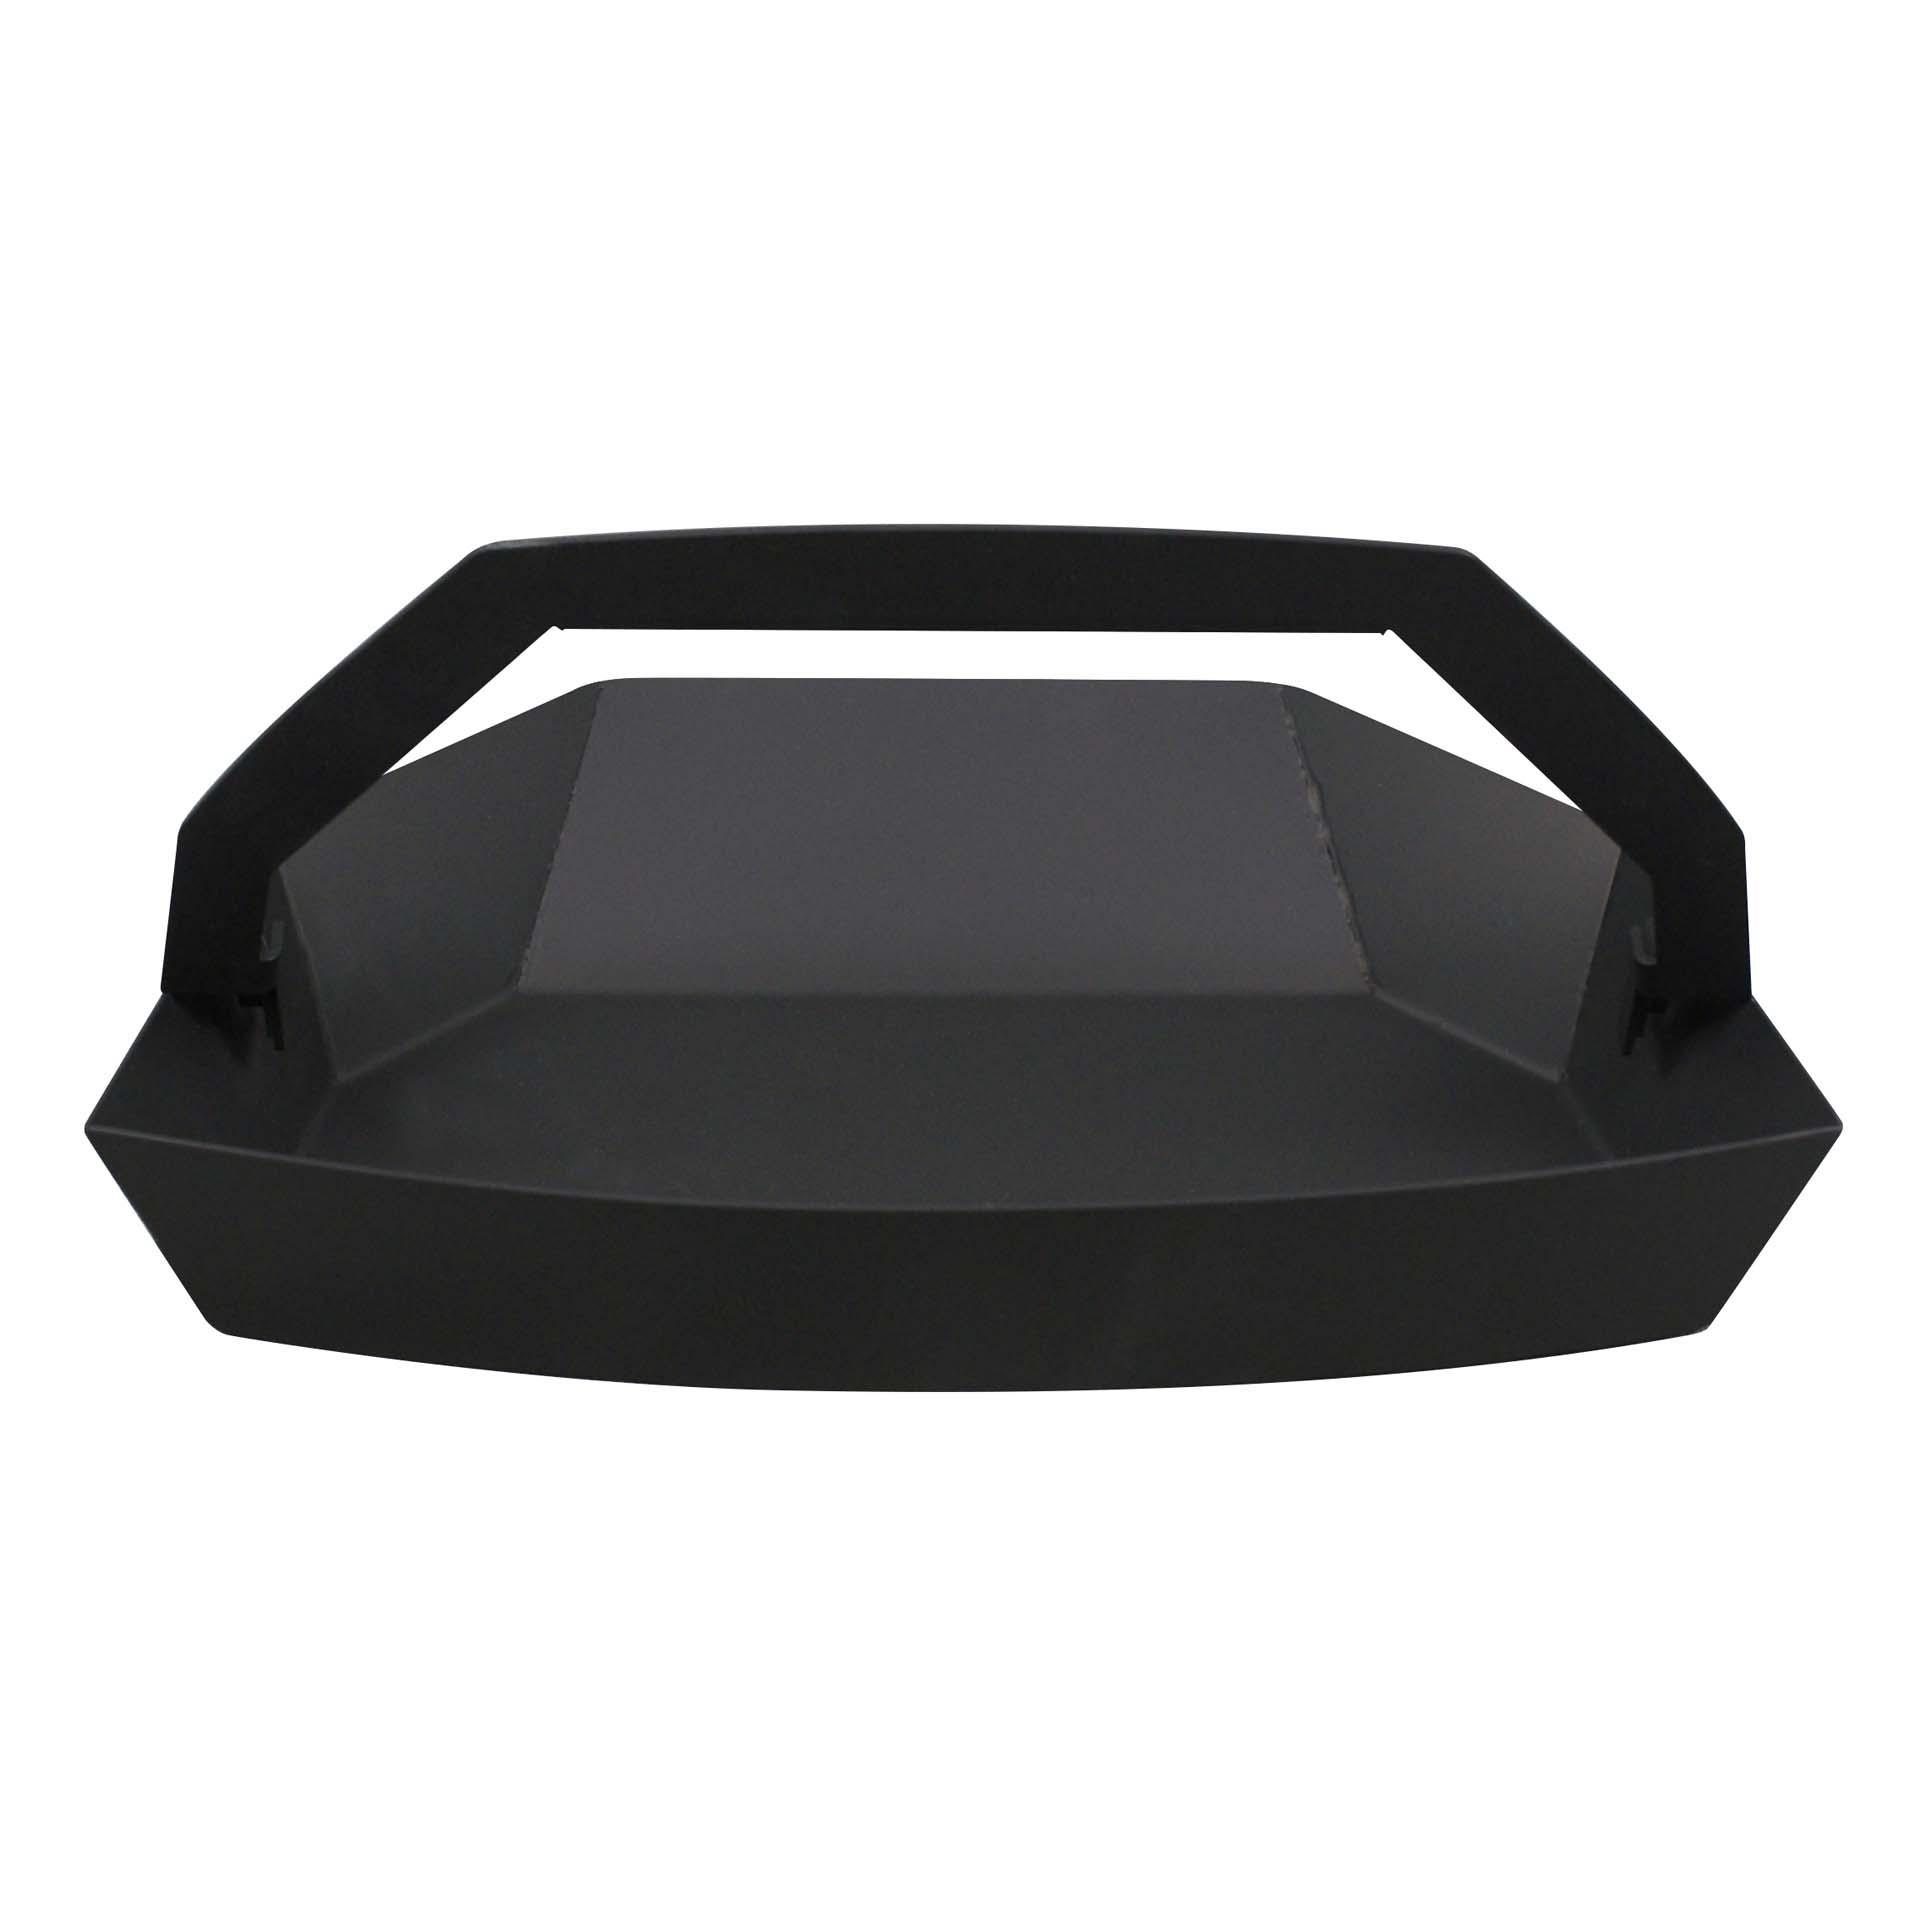 Aschebox für Nordpeis Duo - 1